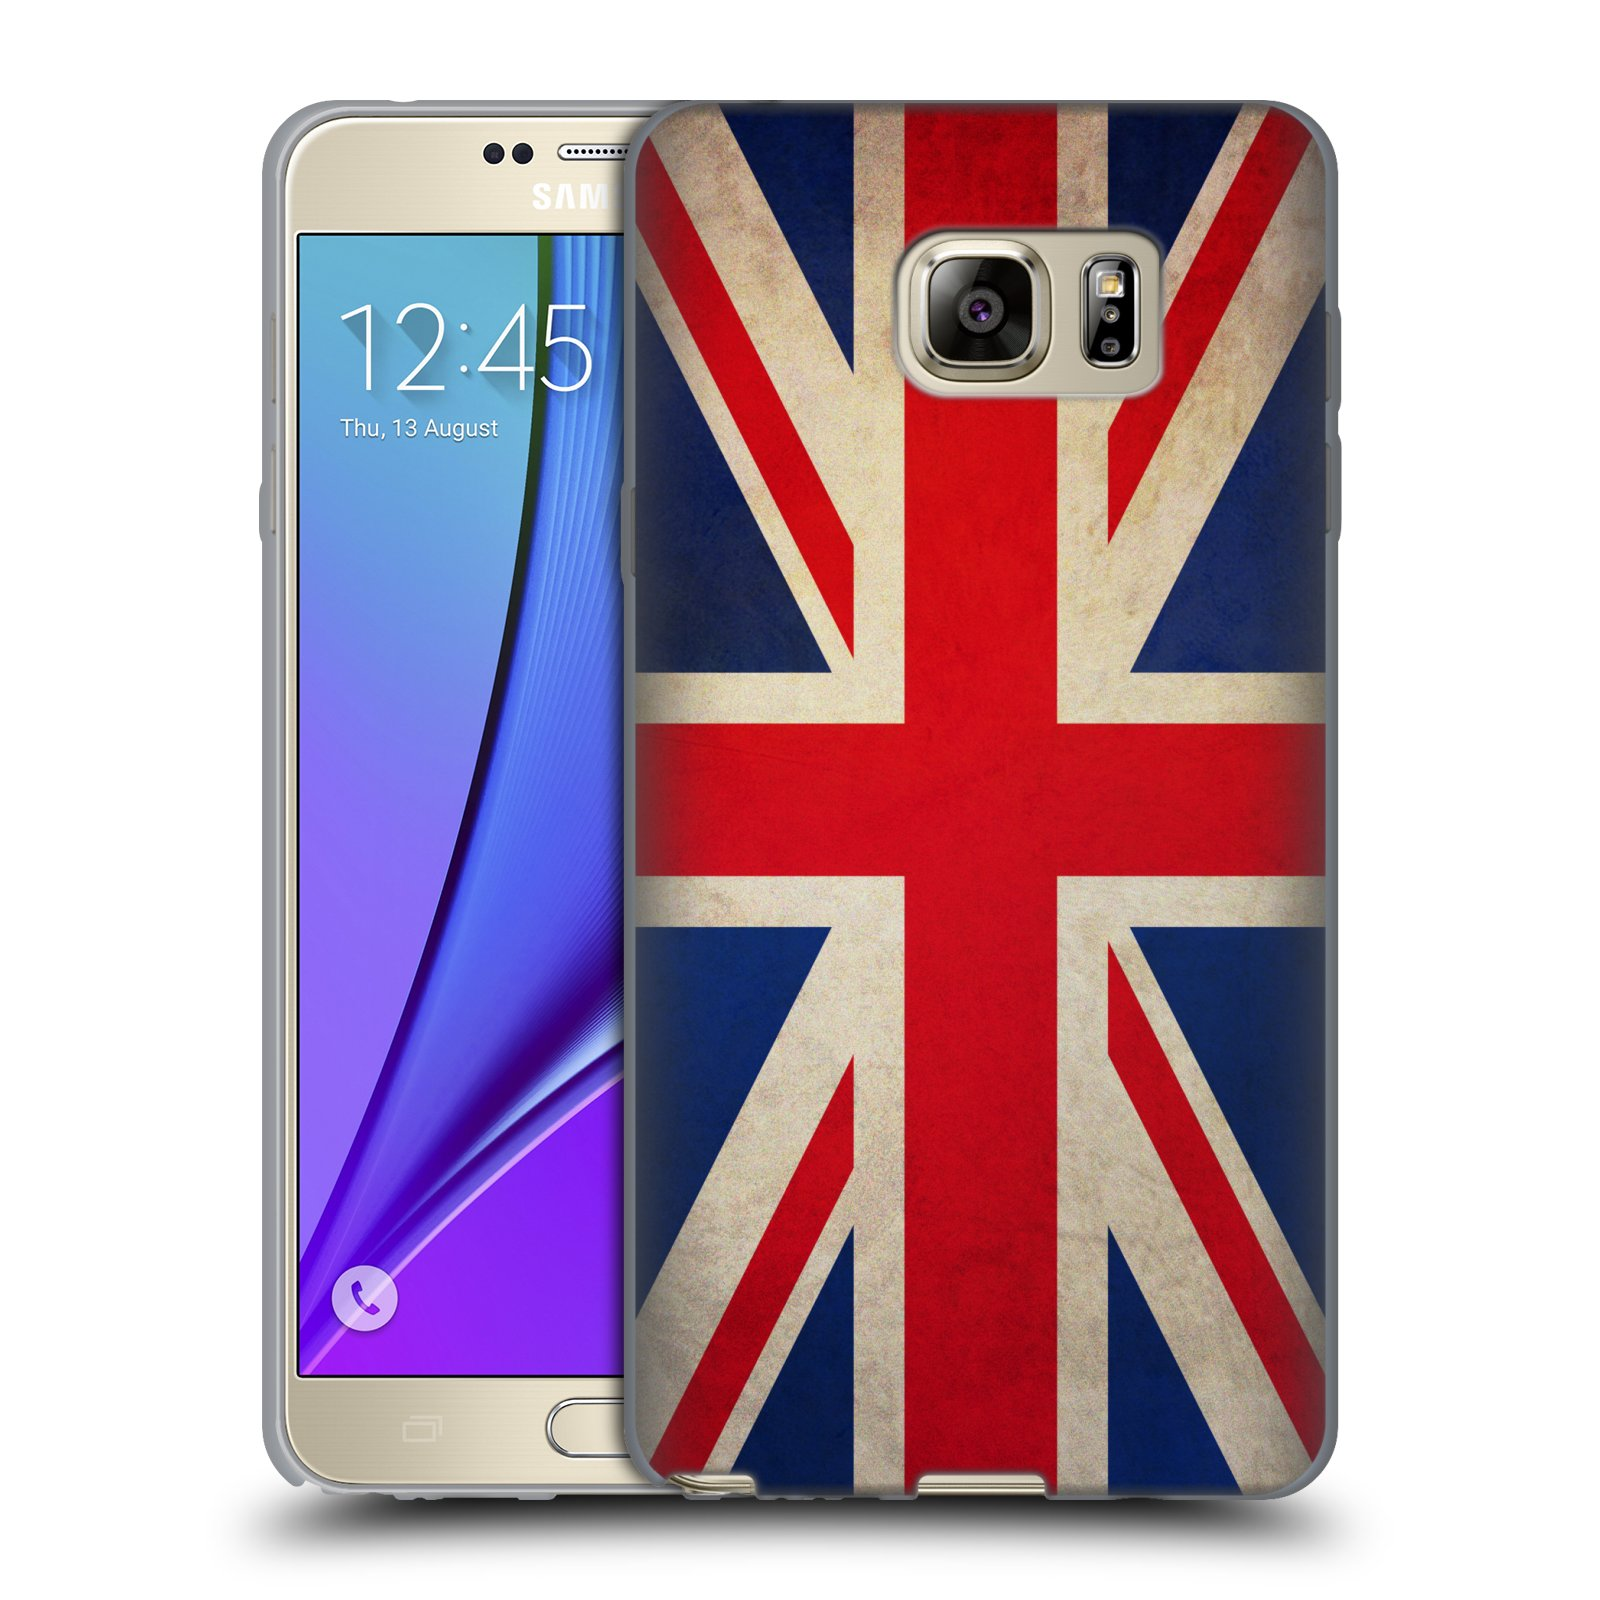 HEAD CASE silikonový obal na mobil Samsung Galaxy Note 5 (N920) vzor VINTAGE VLAJKY VELKÁ BRITÁNIE